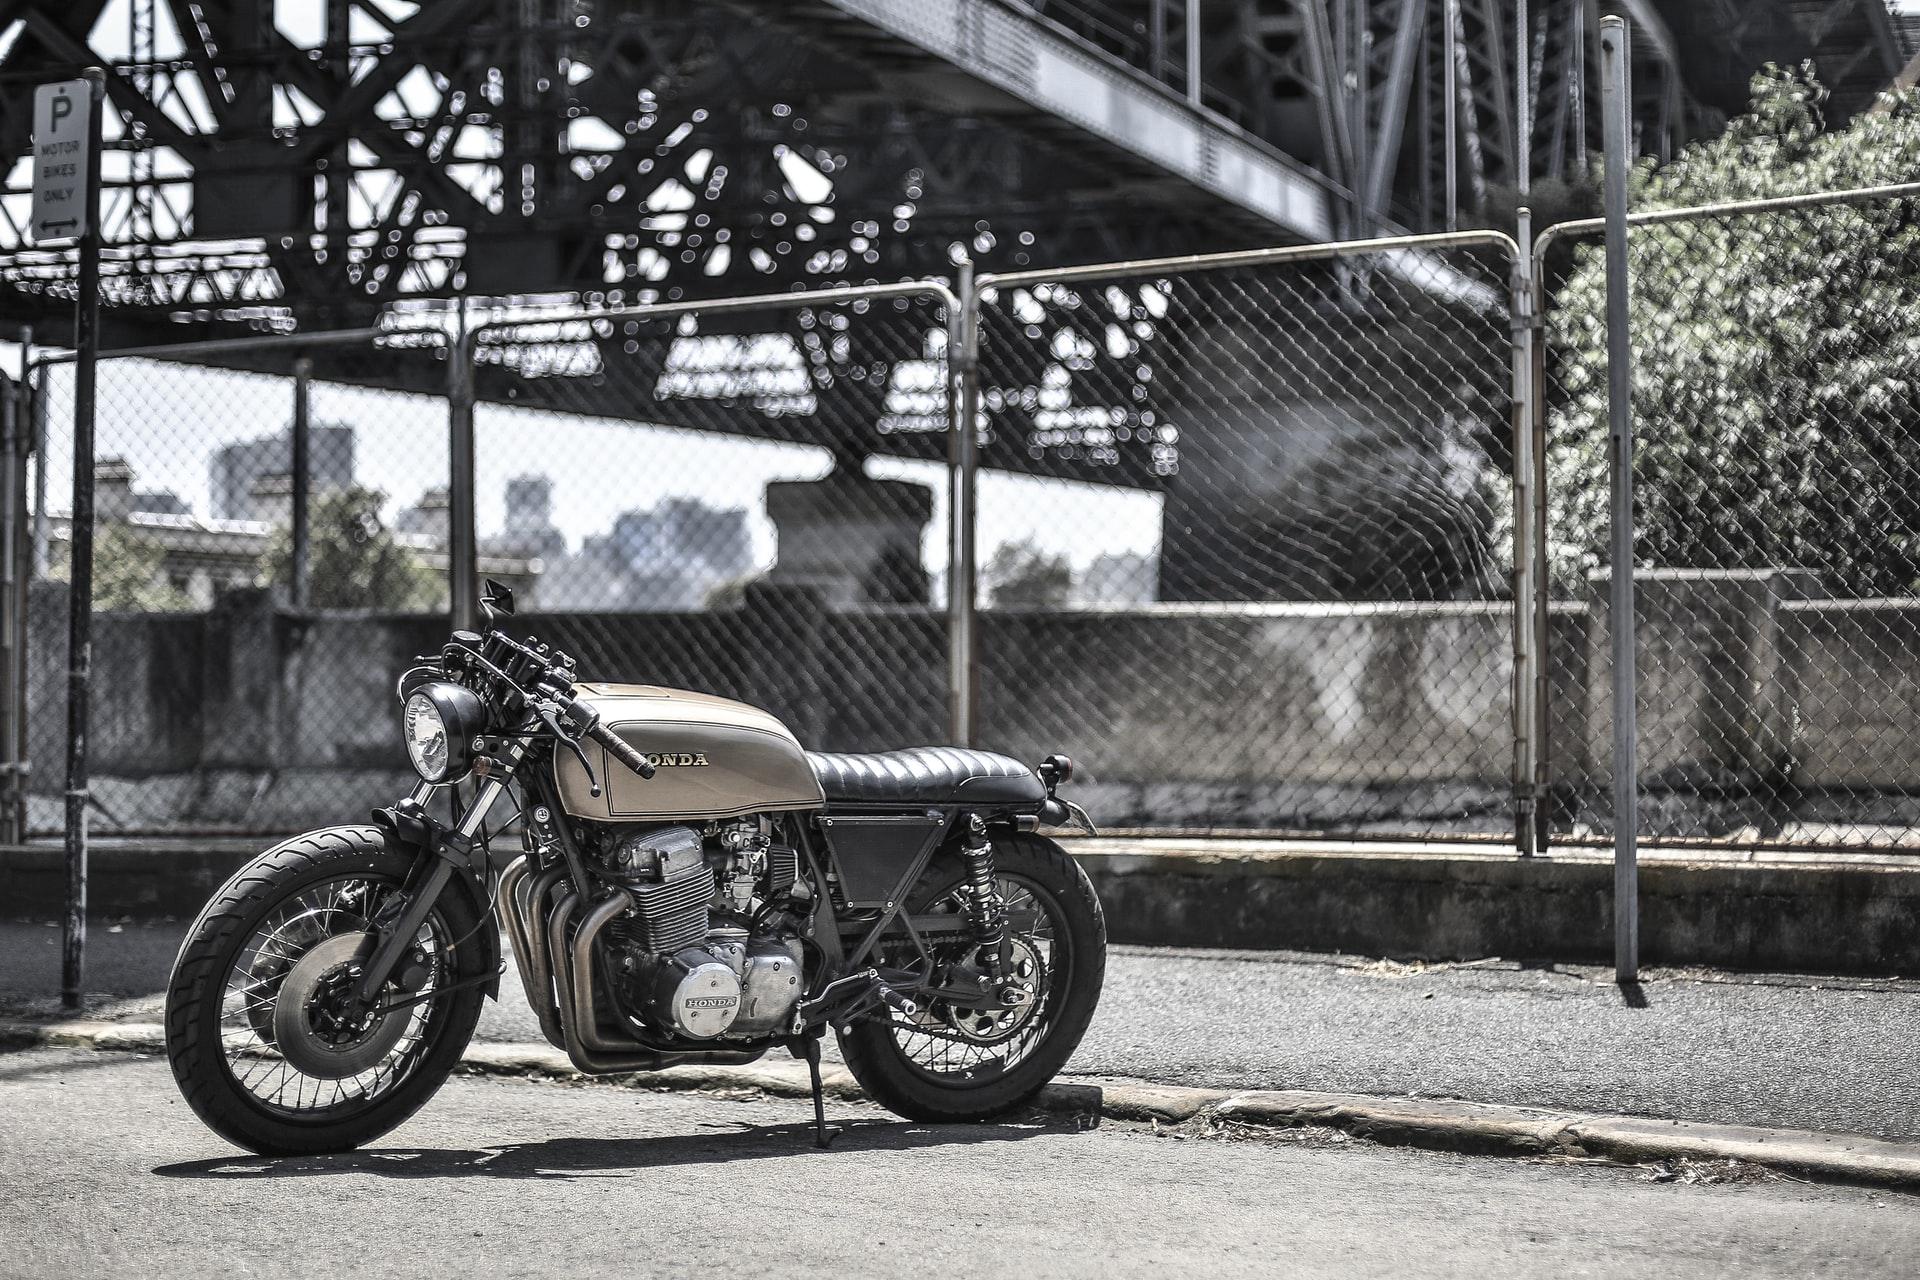 Kup używane motocykle ze stanów zjednoczonych ameryki